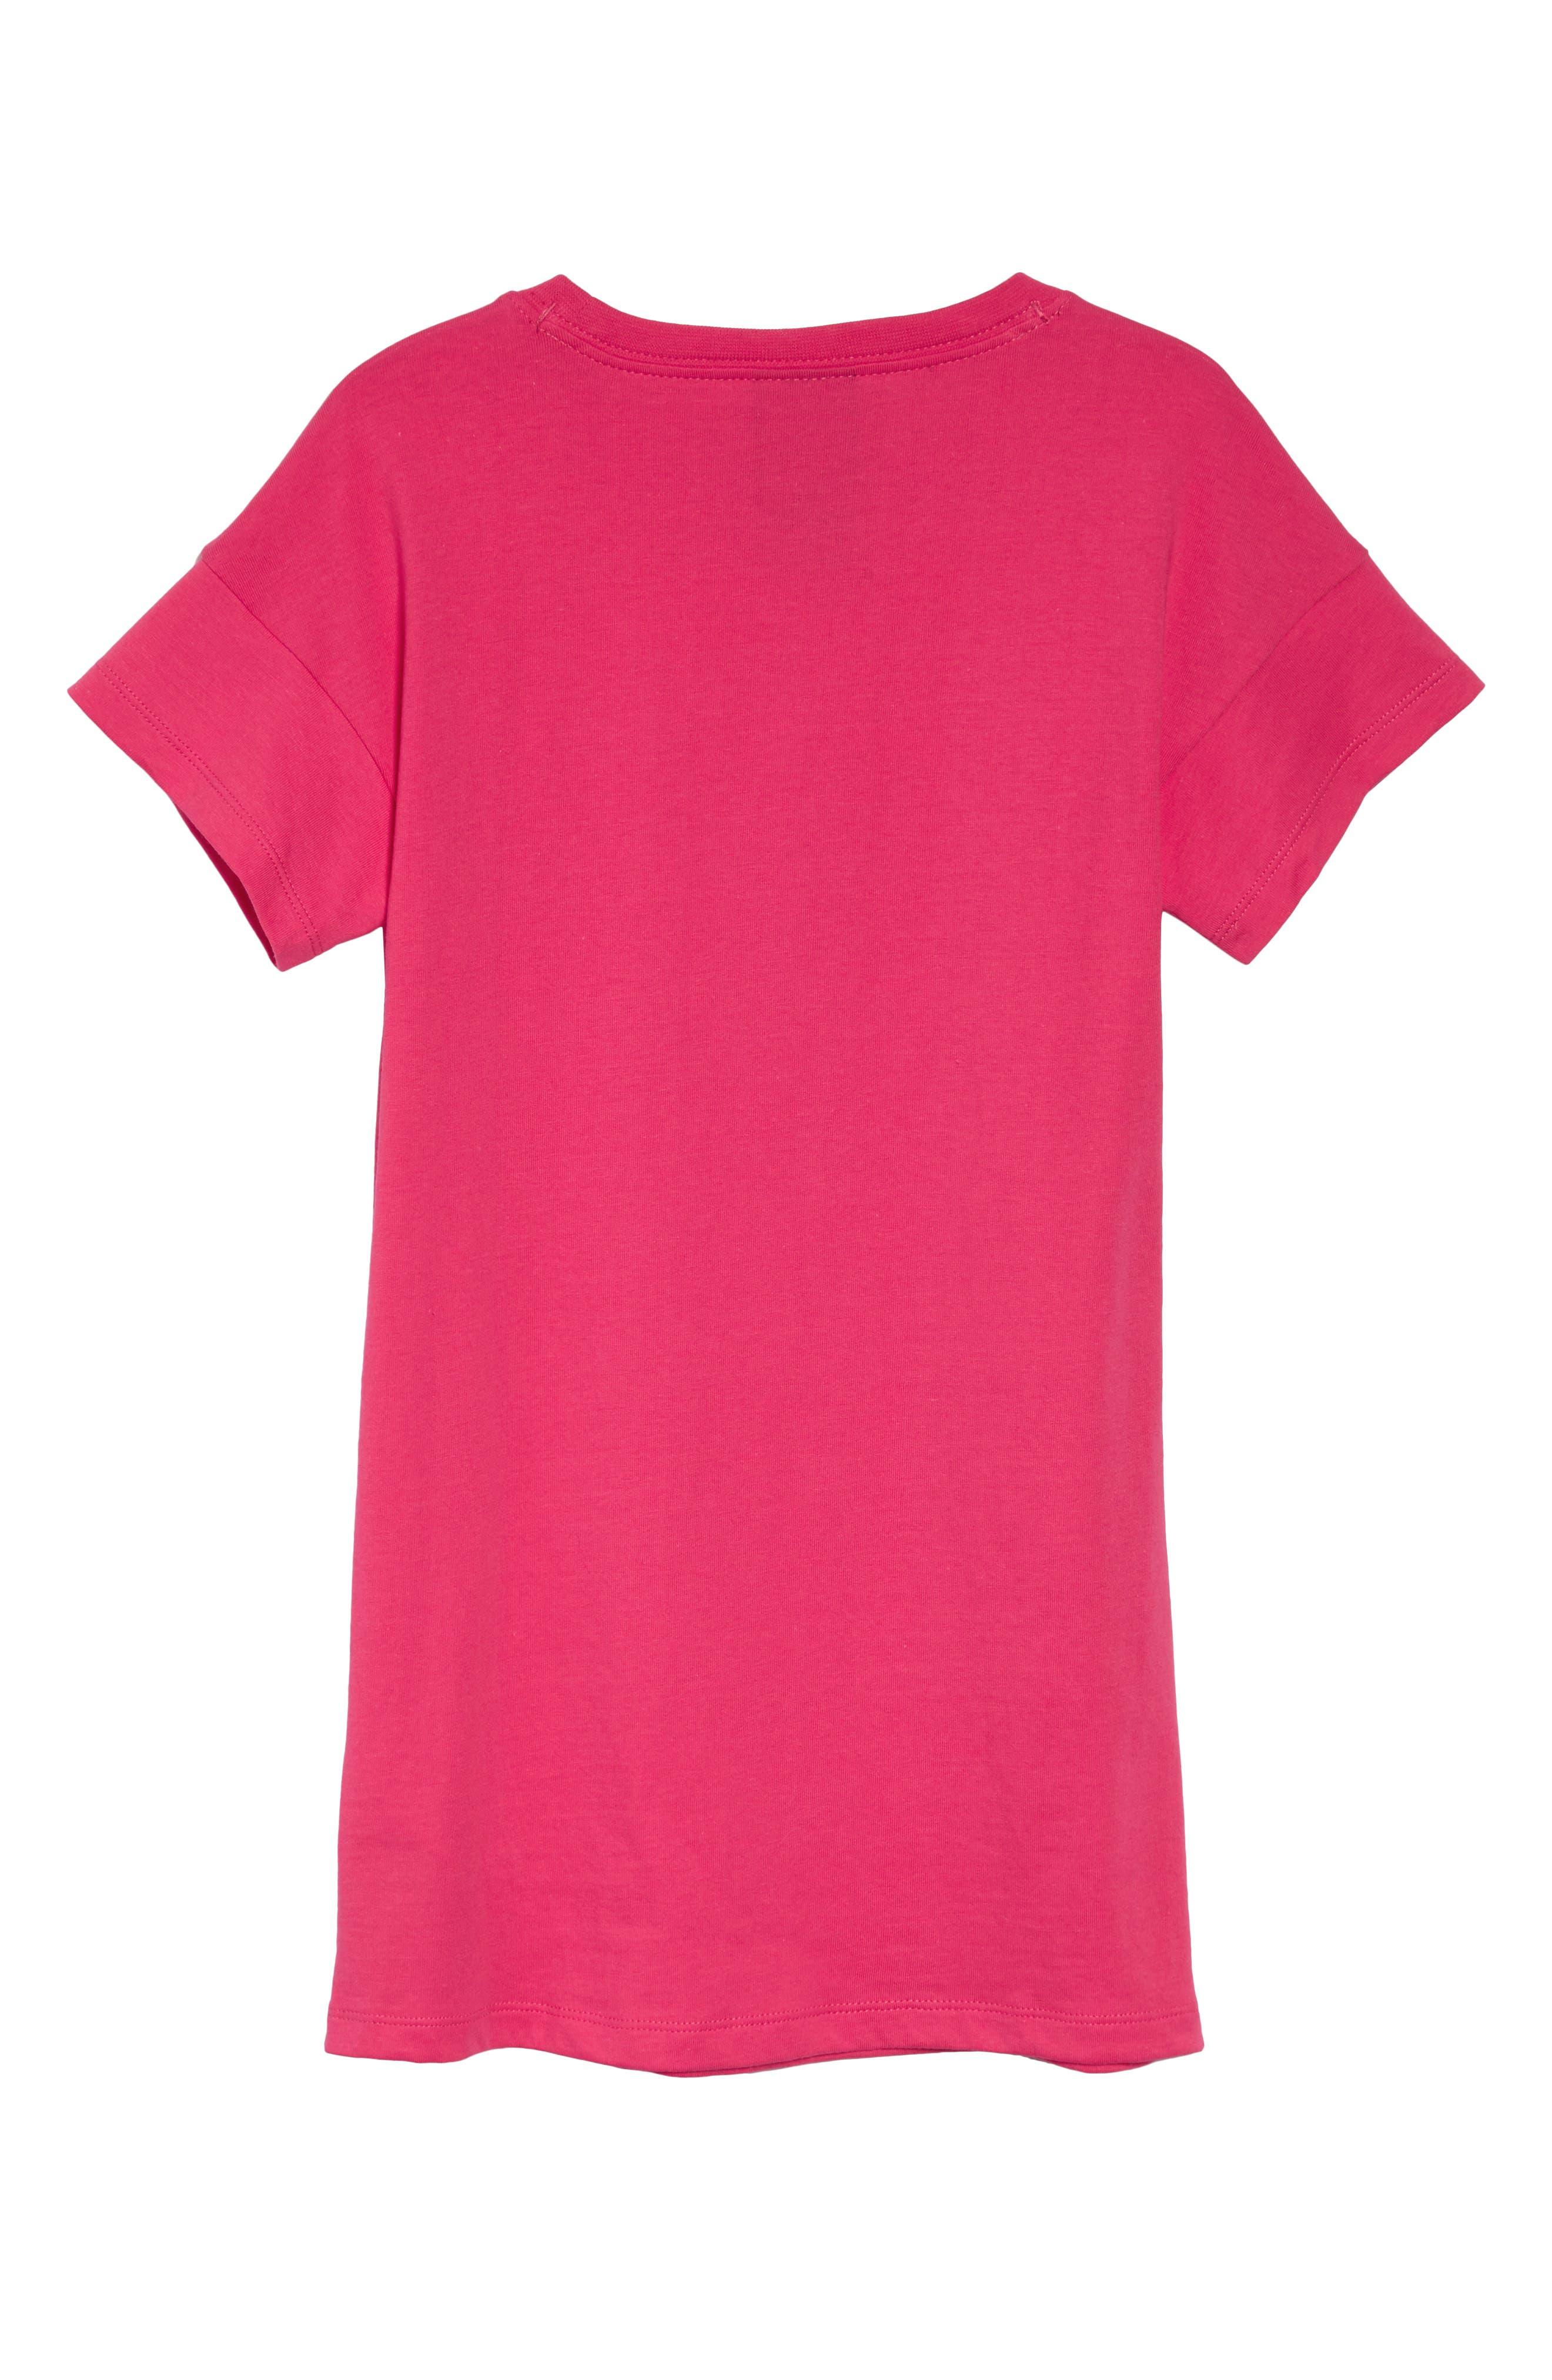 Futura T-Shirt Dress,                             Alternate thumbnail 3, color,                             Rush Pink